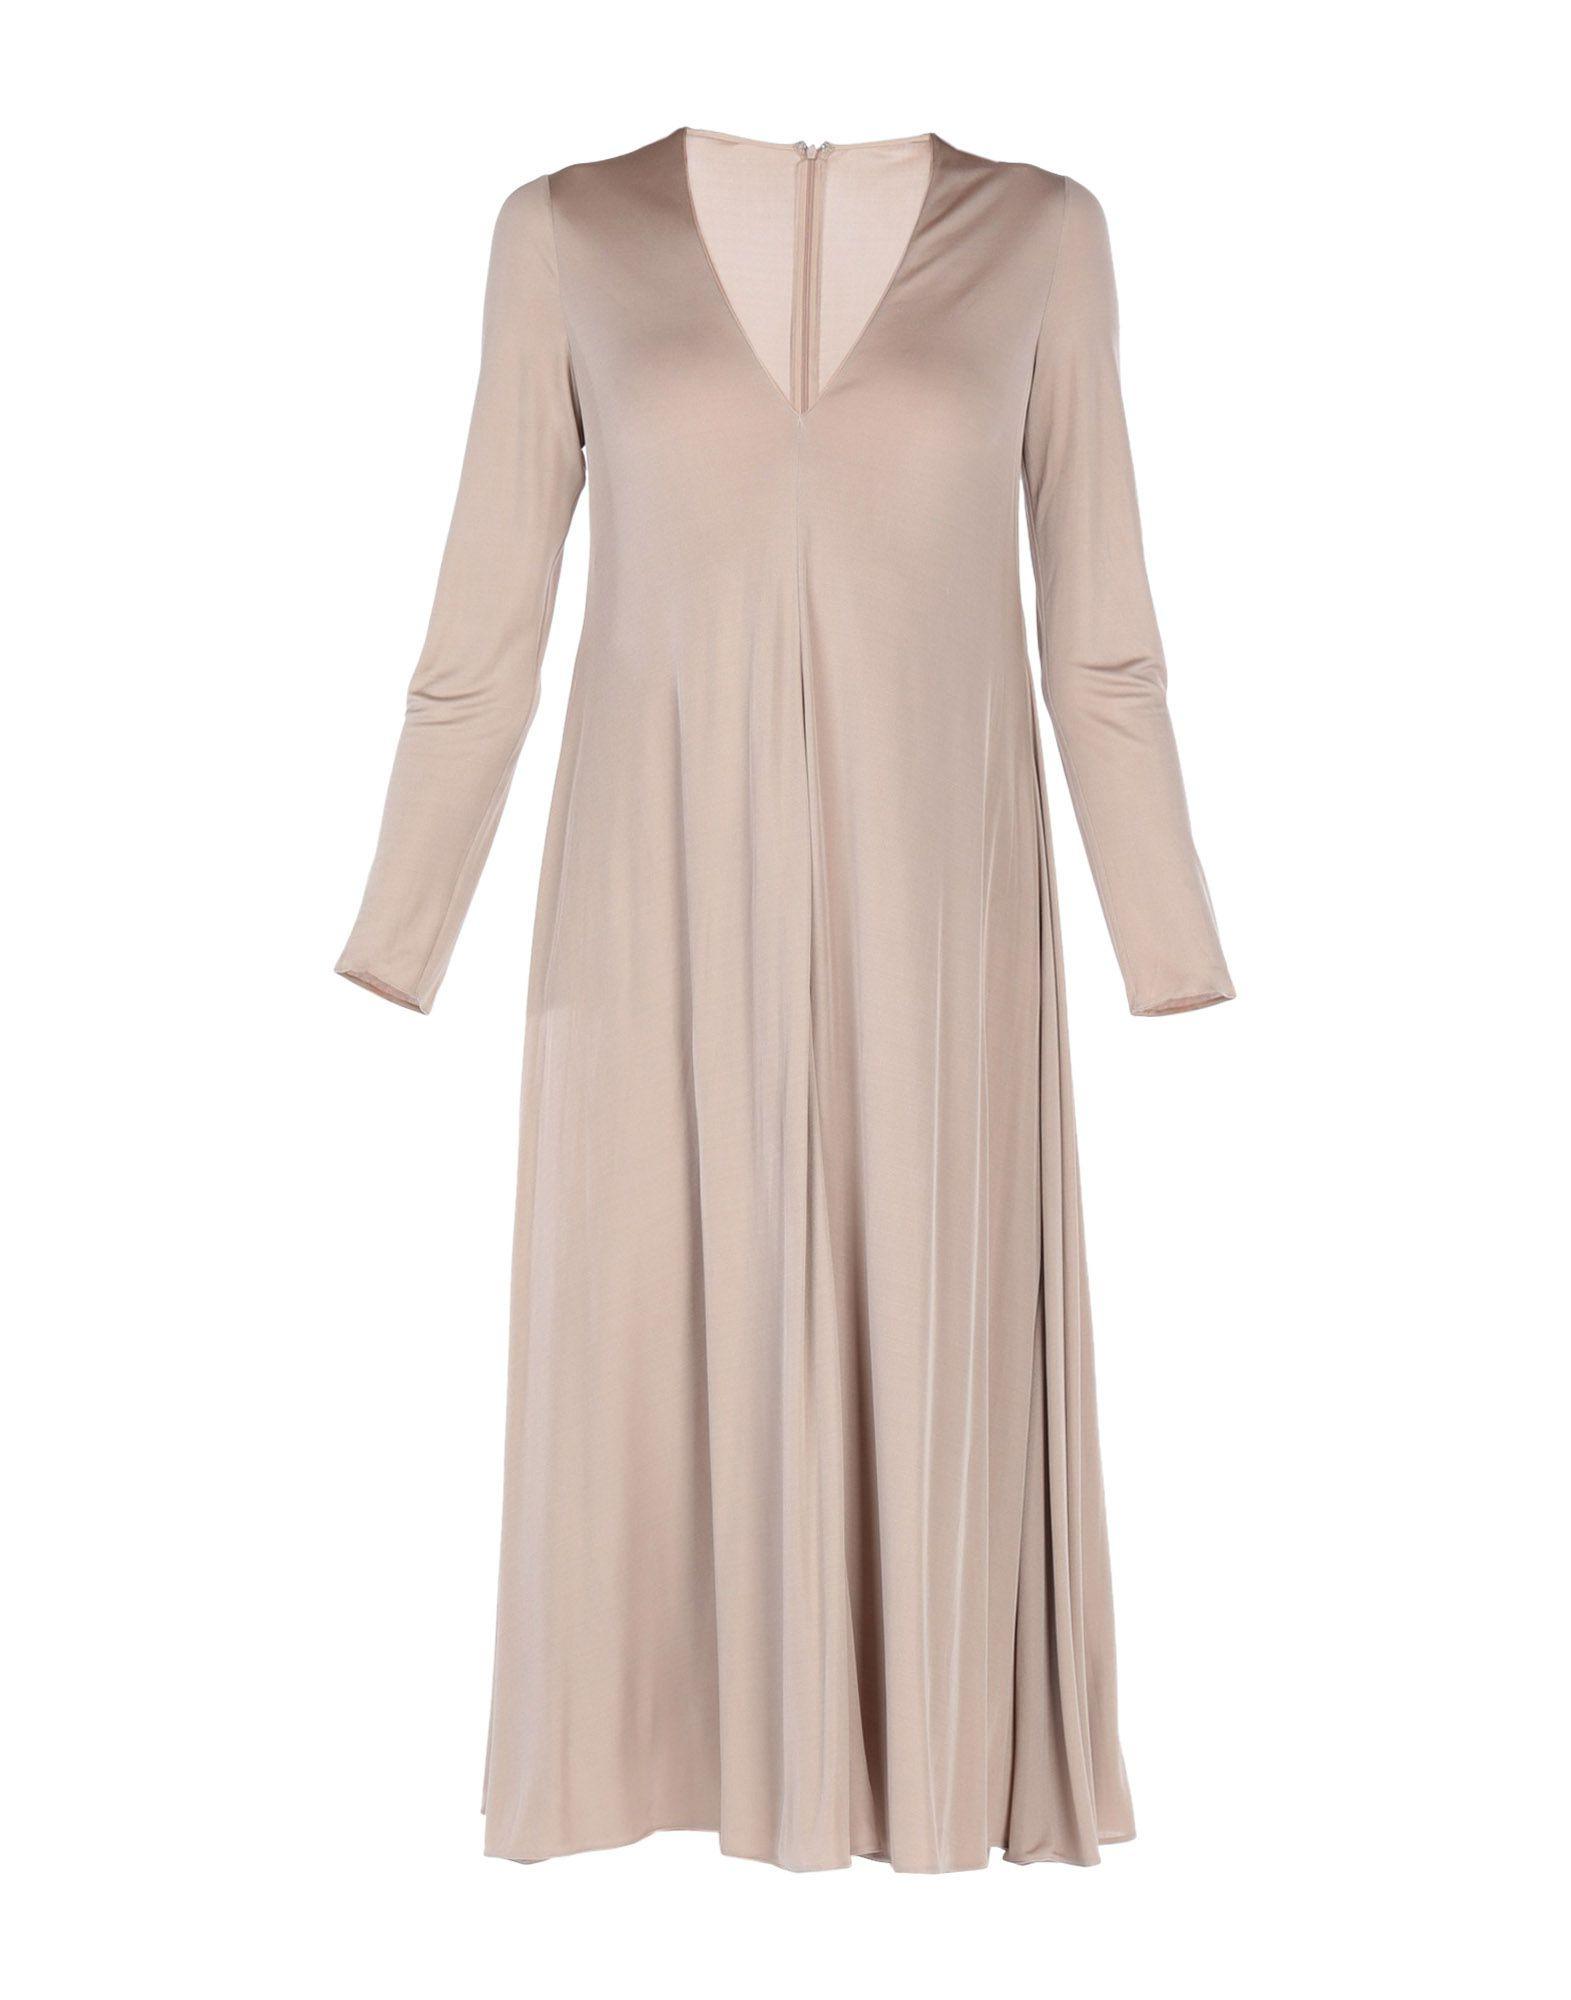 Abend Elegant Yoox Abendkleid Design10 Fantastisch Yoox Abendkleid Vertrieb